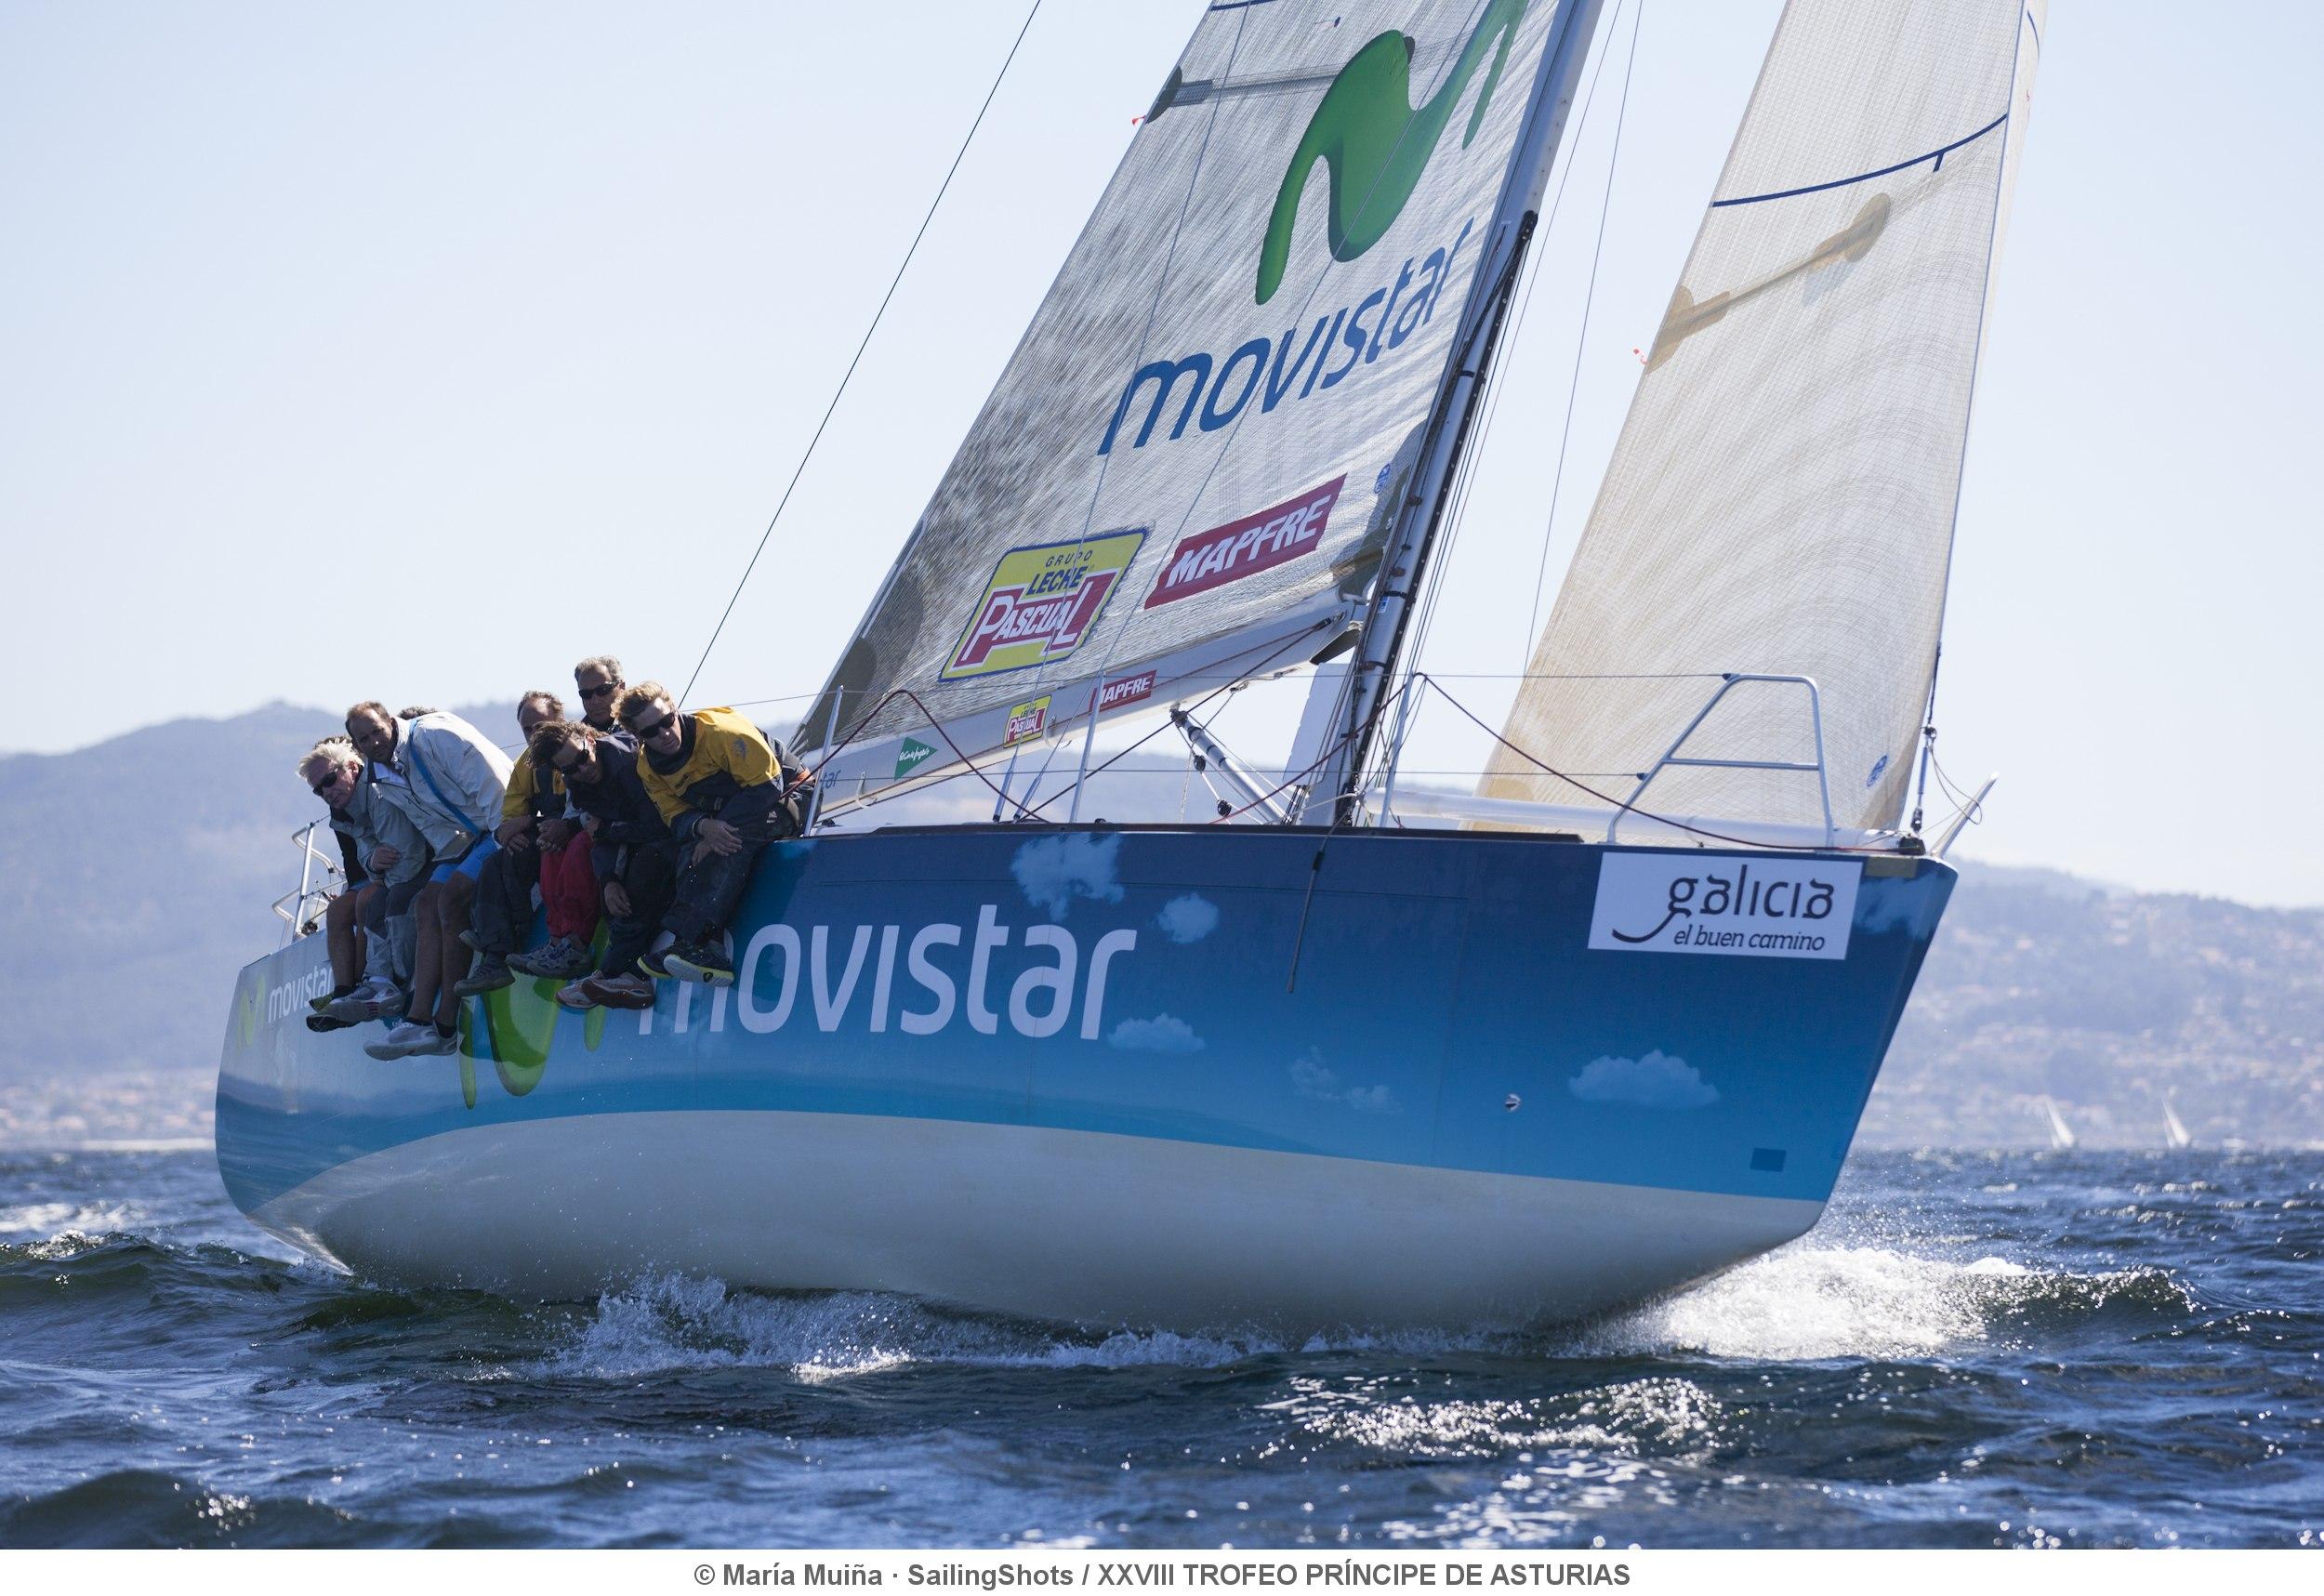 XXVIII Trofeo Príncipe de Asturias